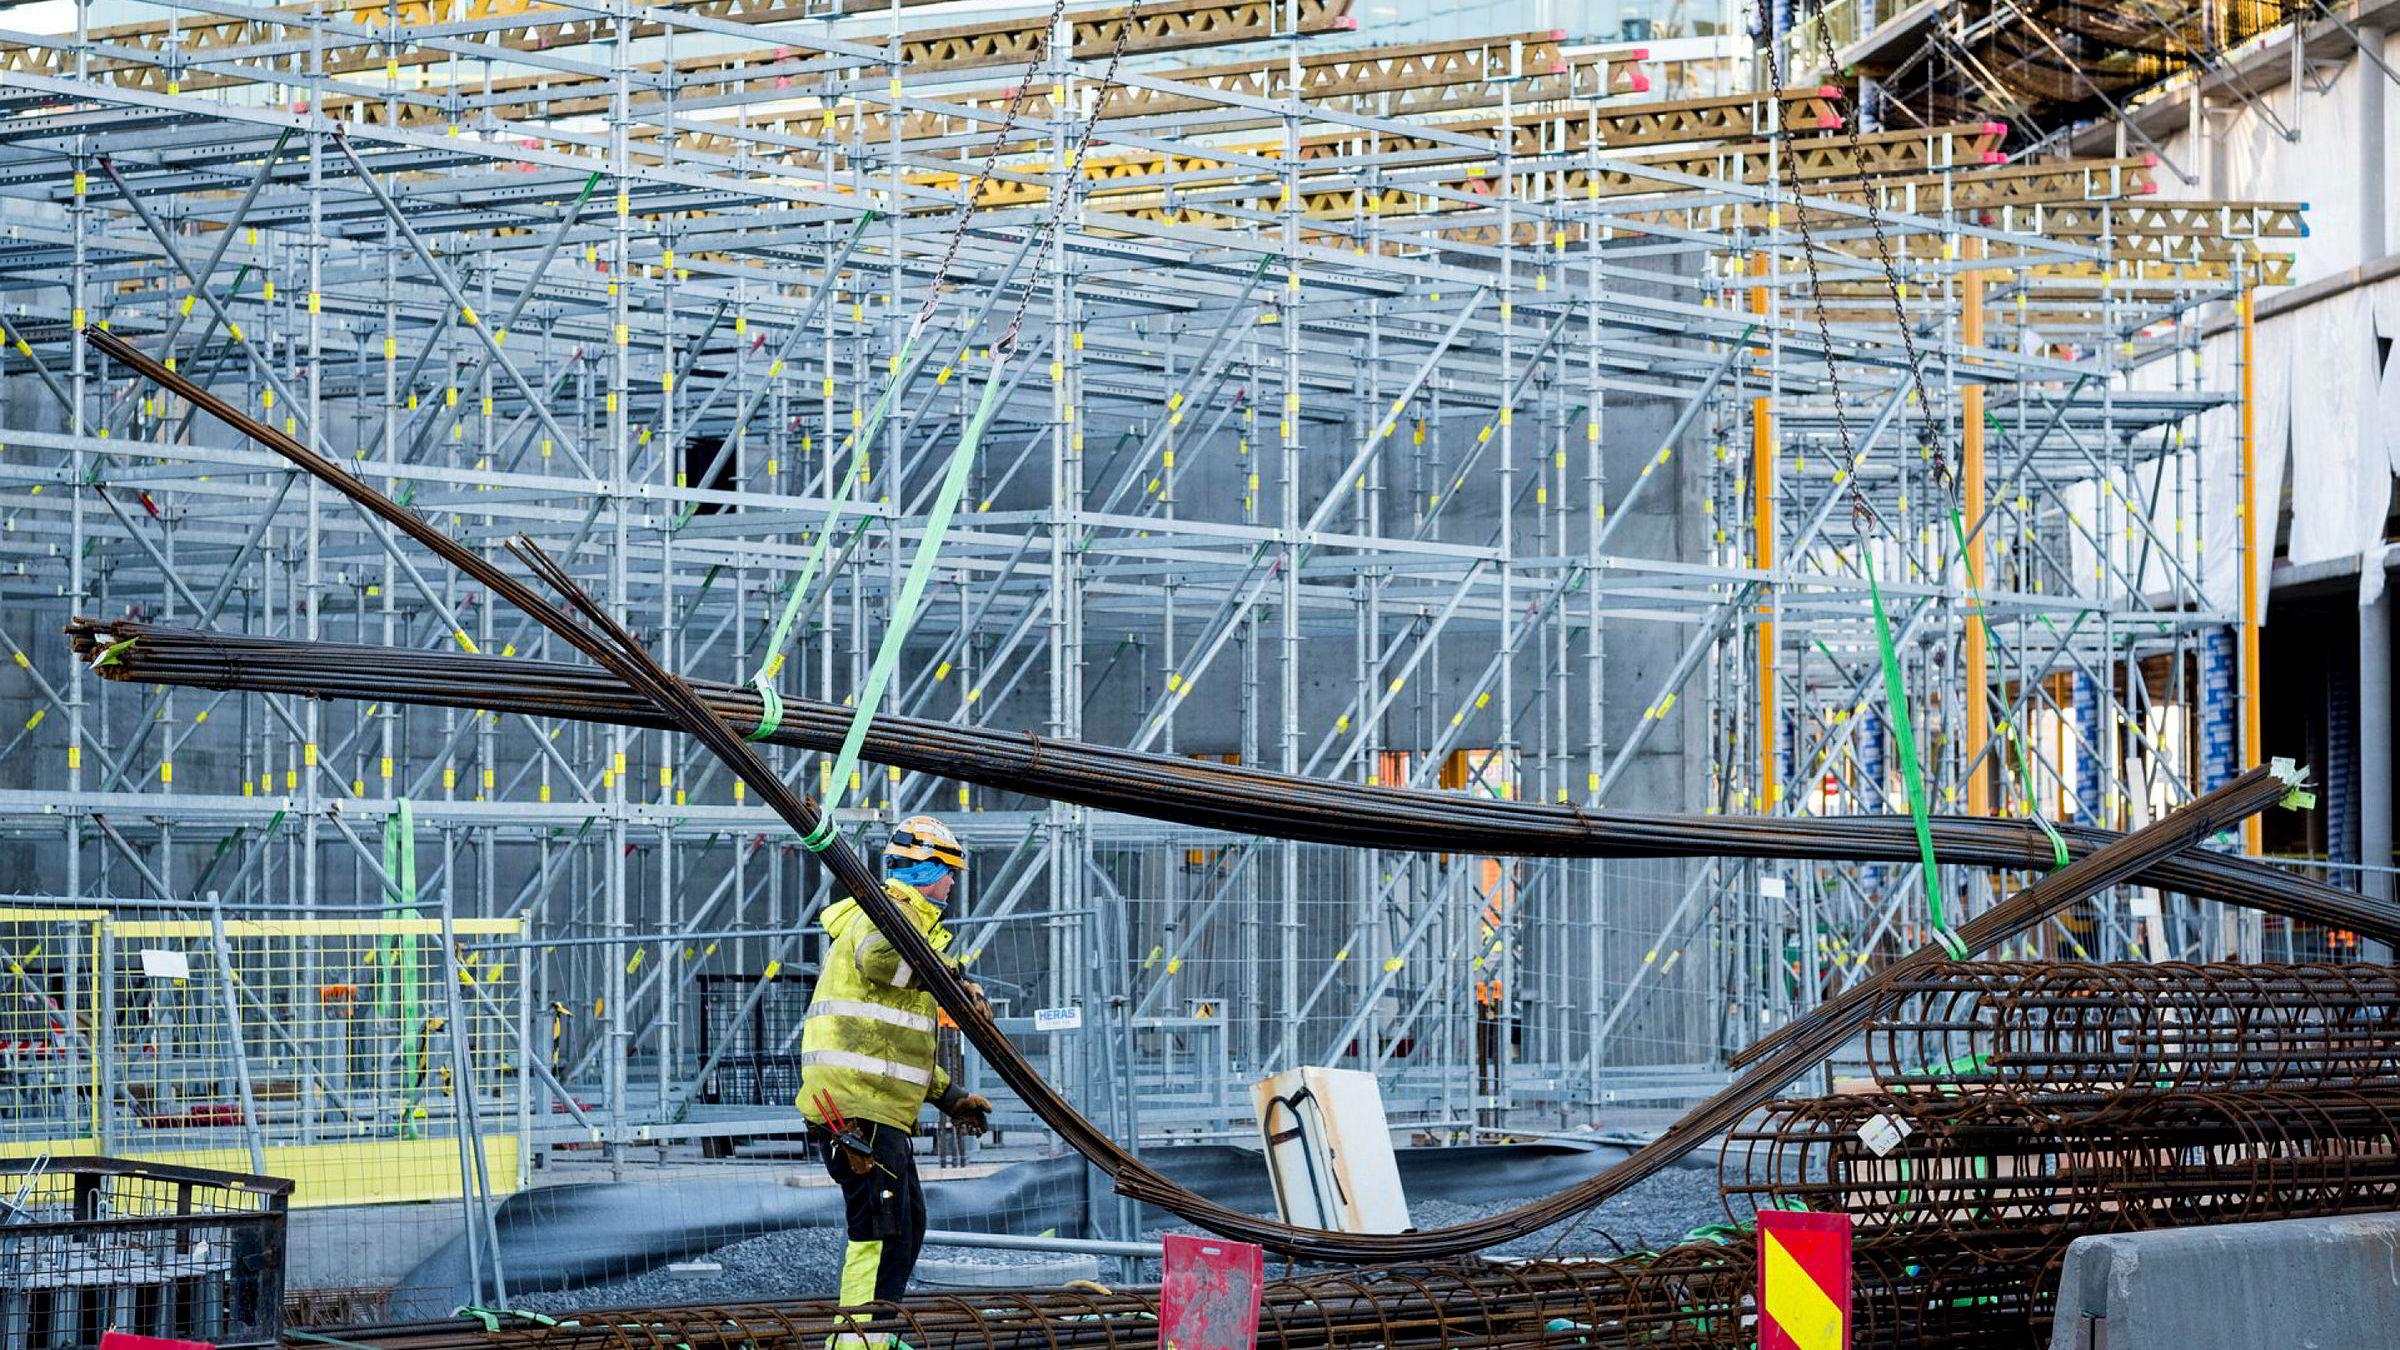 Norske byggeplasser kan bli utslippsfrie med «enkle» tiltak, viser ny rapport.